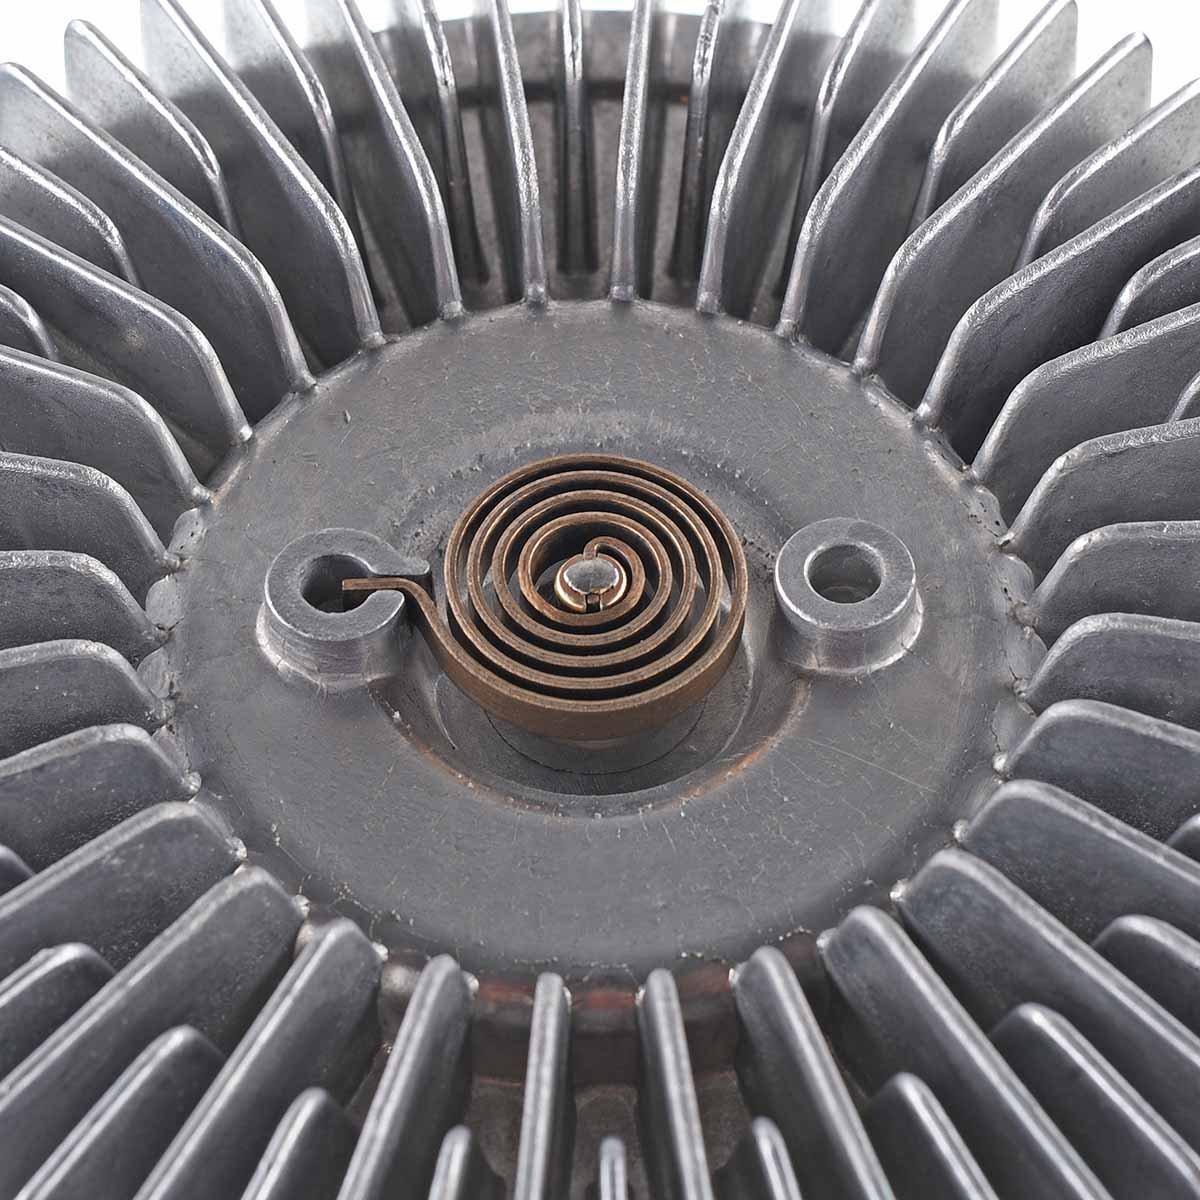 A-Premium Engine Cooling Fan Clutch for Dodge Ram 1500 2500 3500 2003-2004 V8 5.7L OHV Standard Transmission W//AC